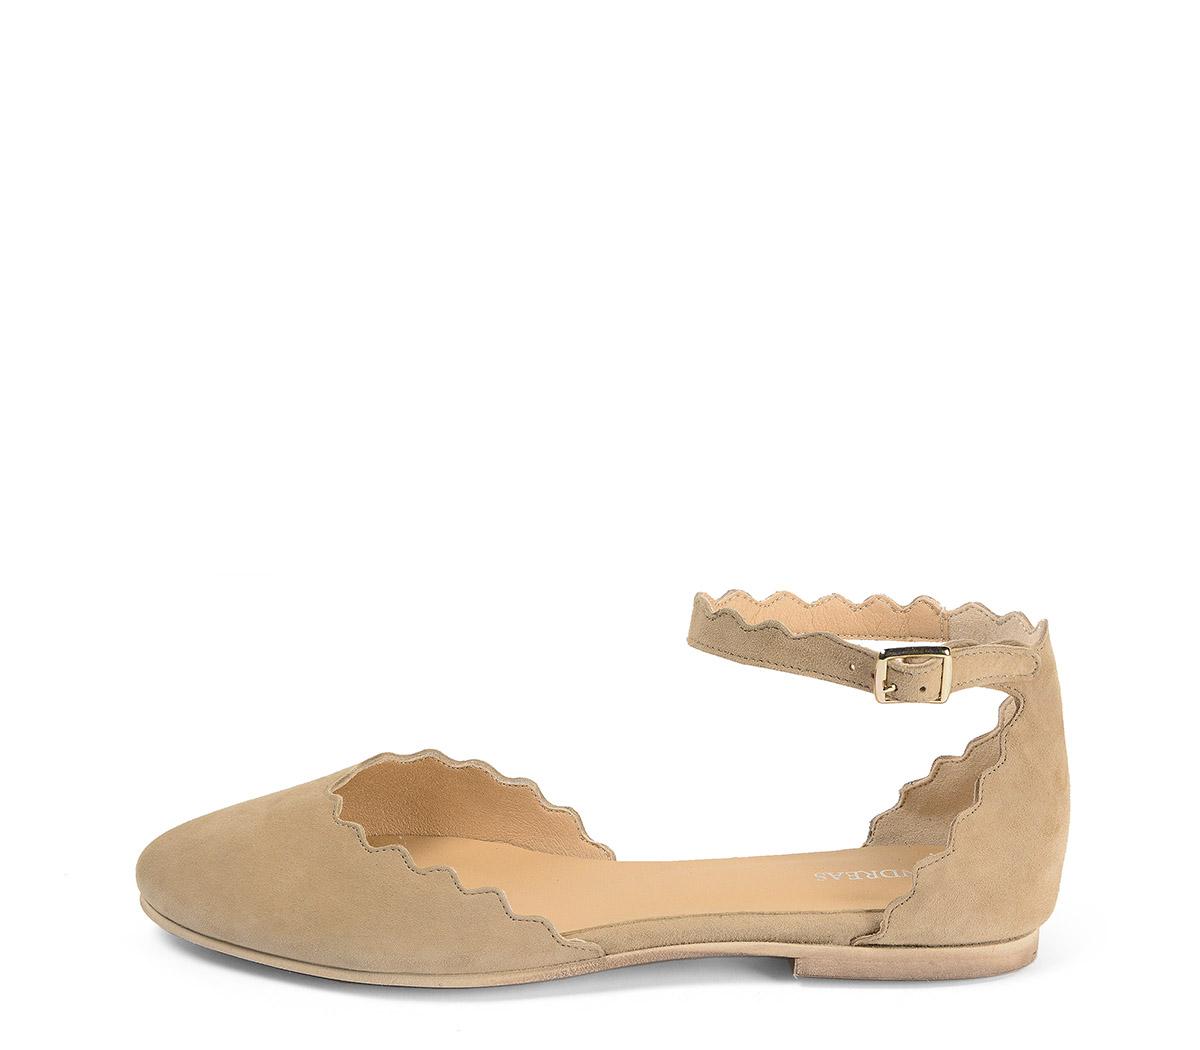 Ref: 3875 Zapato ante beige con detalles de onda en contorno y pulsera al tobillo con hebilla dorada. Puntera cerrada.